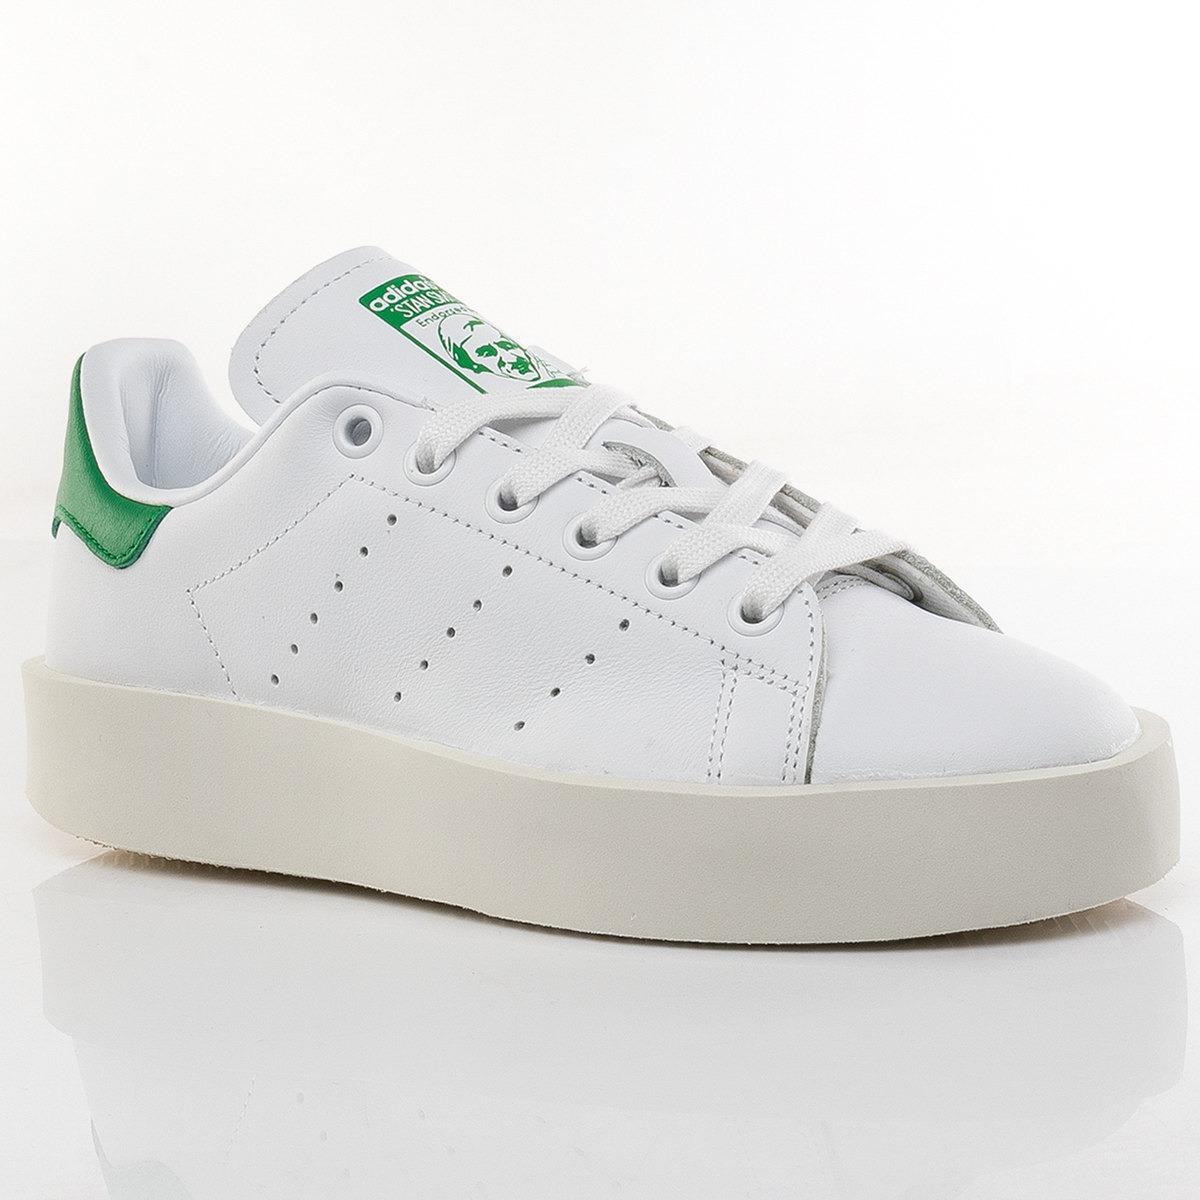 4671e7fc2af Compre 2 APAGADO EN CUALQUIER CASO zapatillas stan smith tienda Y ...